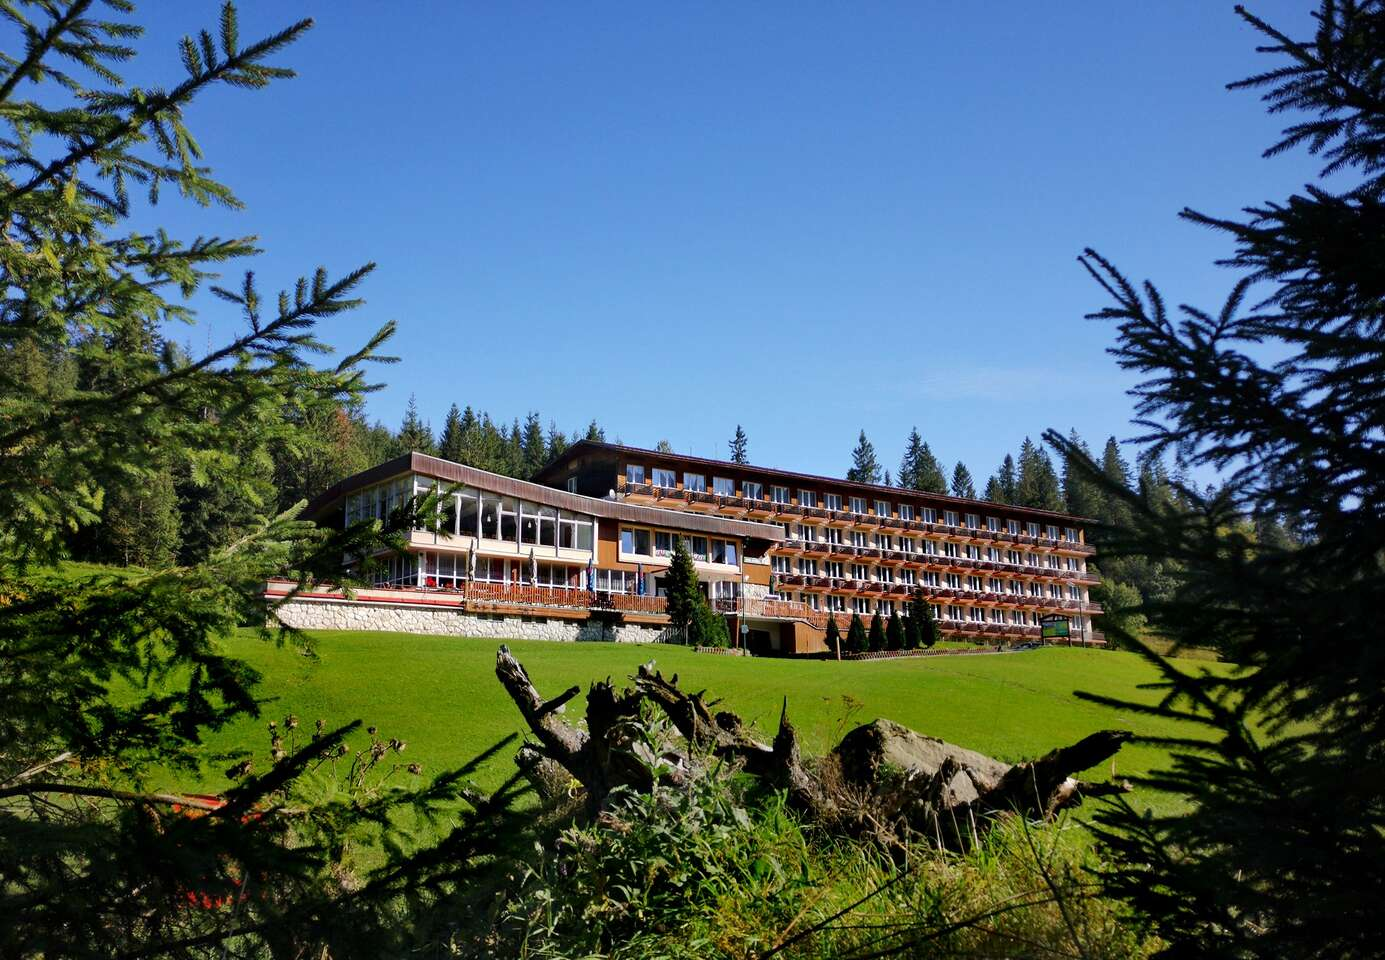 Obľúbený rodinný hotel Magura s raňajkami a iba 3 min. autom od Chodníka korunami stromov